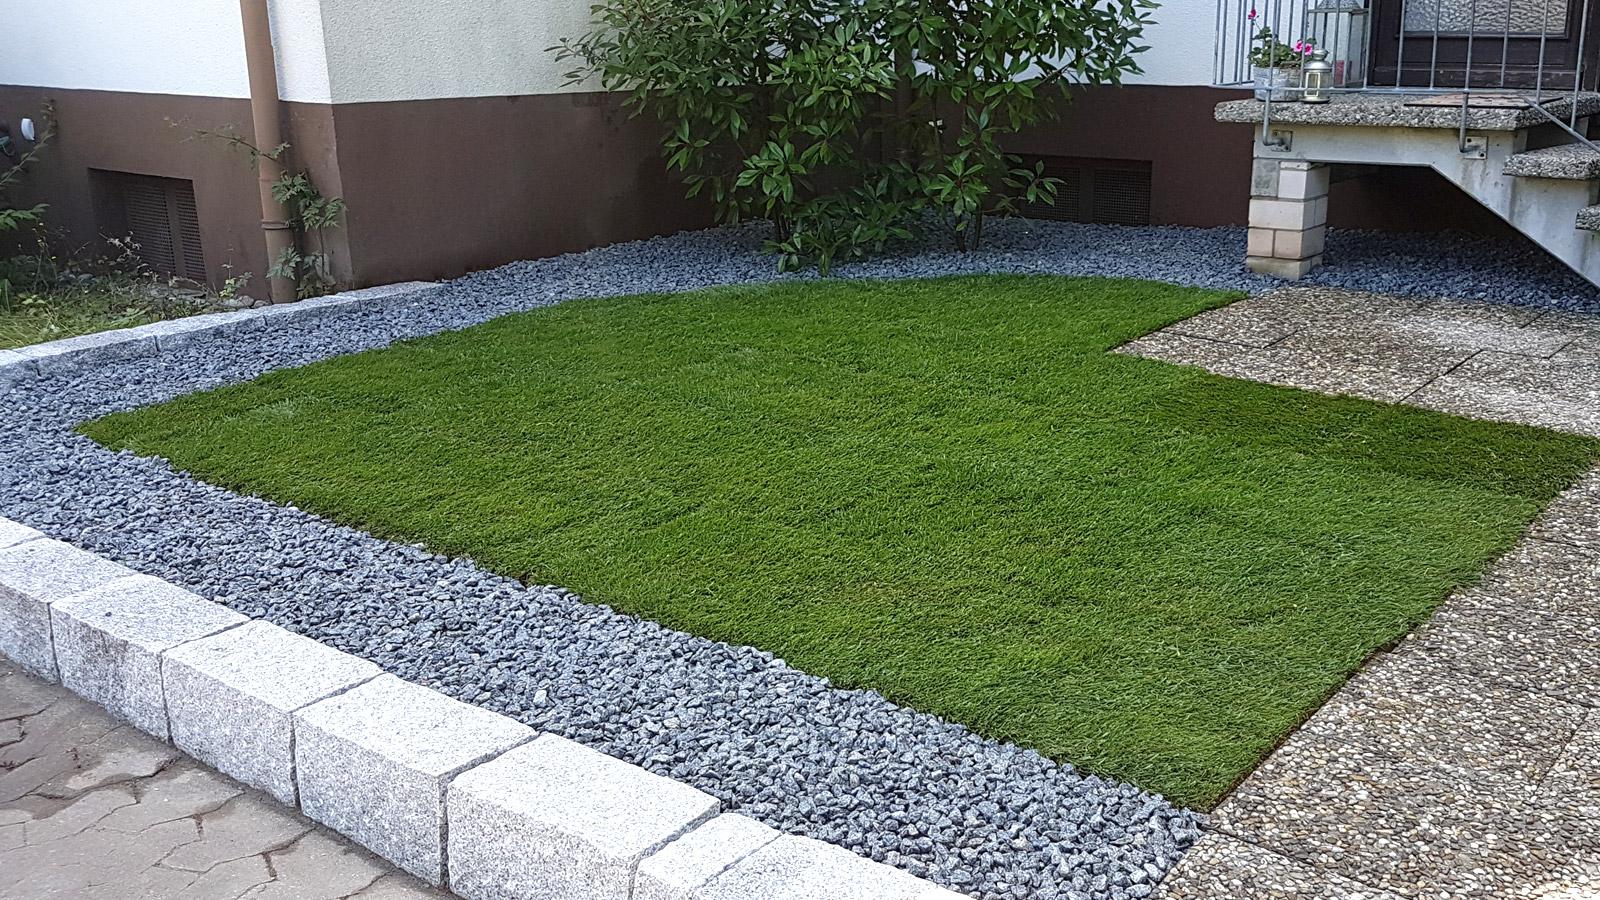 gartengestaltung landschaftsbau hofmann lauf n rnberg. Black Bedroom Furniture Sets. Home Design Ideas